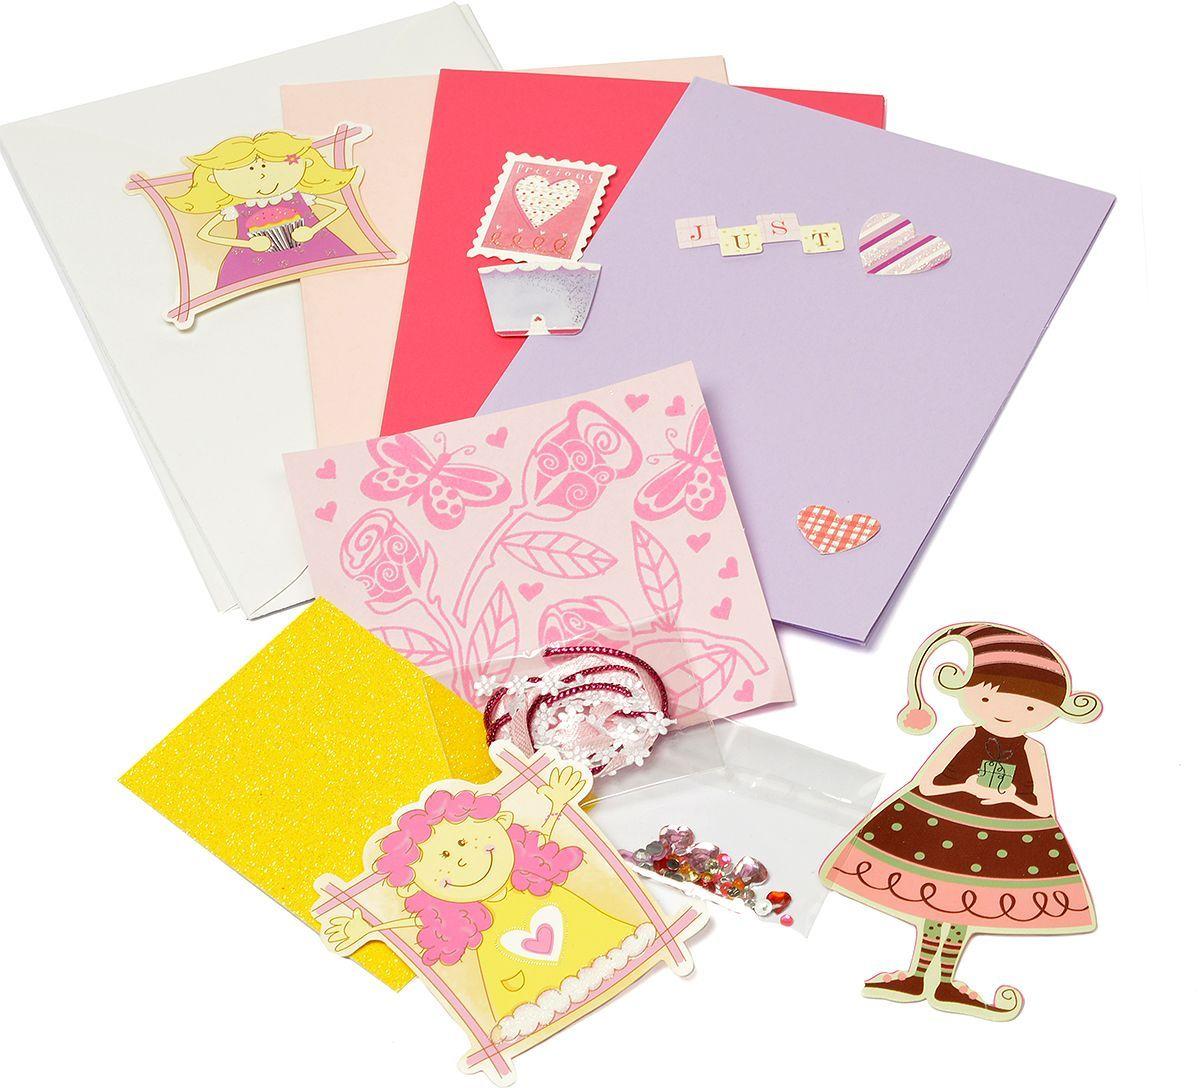 Набор для создания открыток Magic 4 Hobby MG.DIY-3 №6 11,5x17 смMG.DIY-3.06